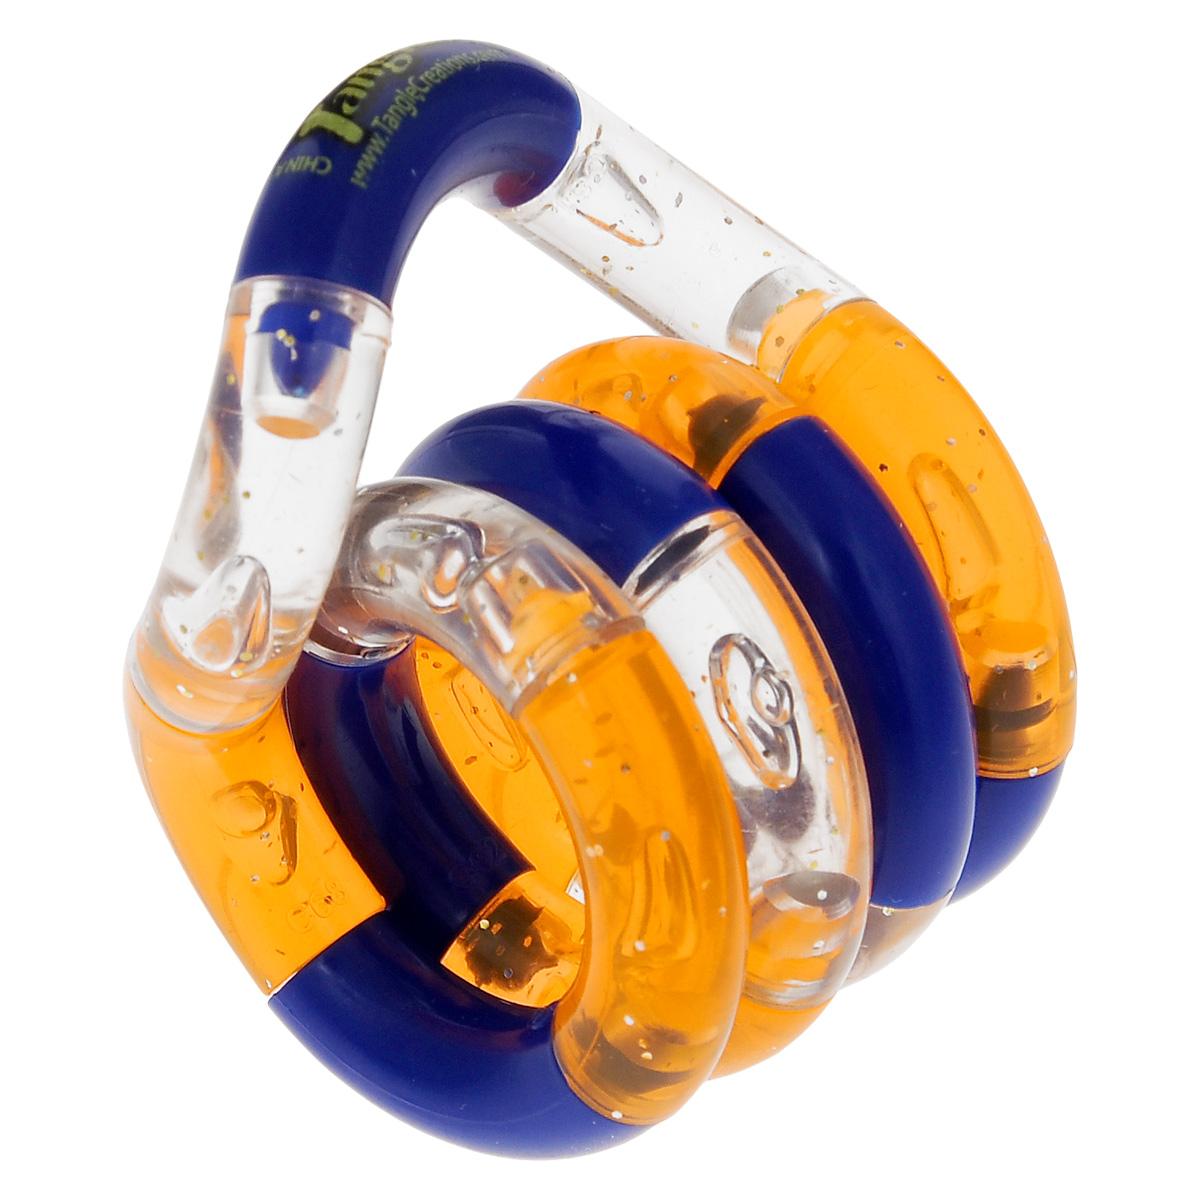 Змейка Tangle. Классик, цвет: прозрачный, оранжевый, синий7300_оранжевый, синийЗмейка Tangle. Классик - это увлекательная головоломка для вас и вашего малыша. Змейка выполнена из прочного пластика ярких цветов. Благодаря своей особой форме и специальным креплениям, она скручивается в любую форму. Такая игра надолго займет ребенка, и поможет ему раскрыть свой потенциал, научит его логическому мышлению и поспособствует развитию мелкой моторики.